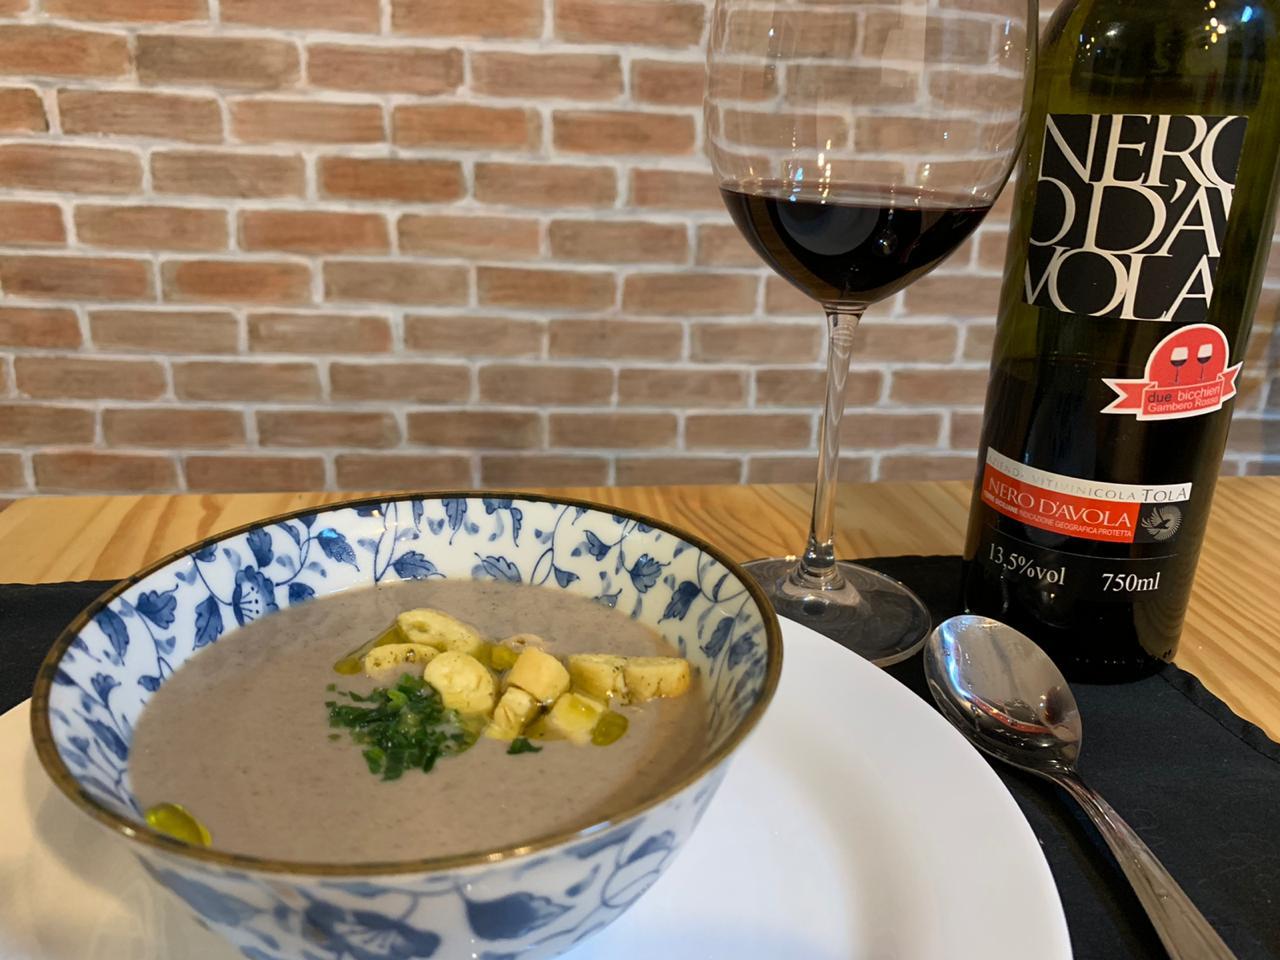 Sopa creme de cogumelos com Nero D'Avola